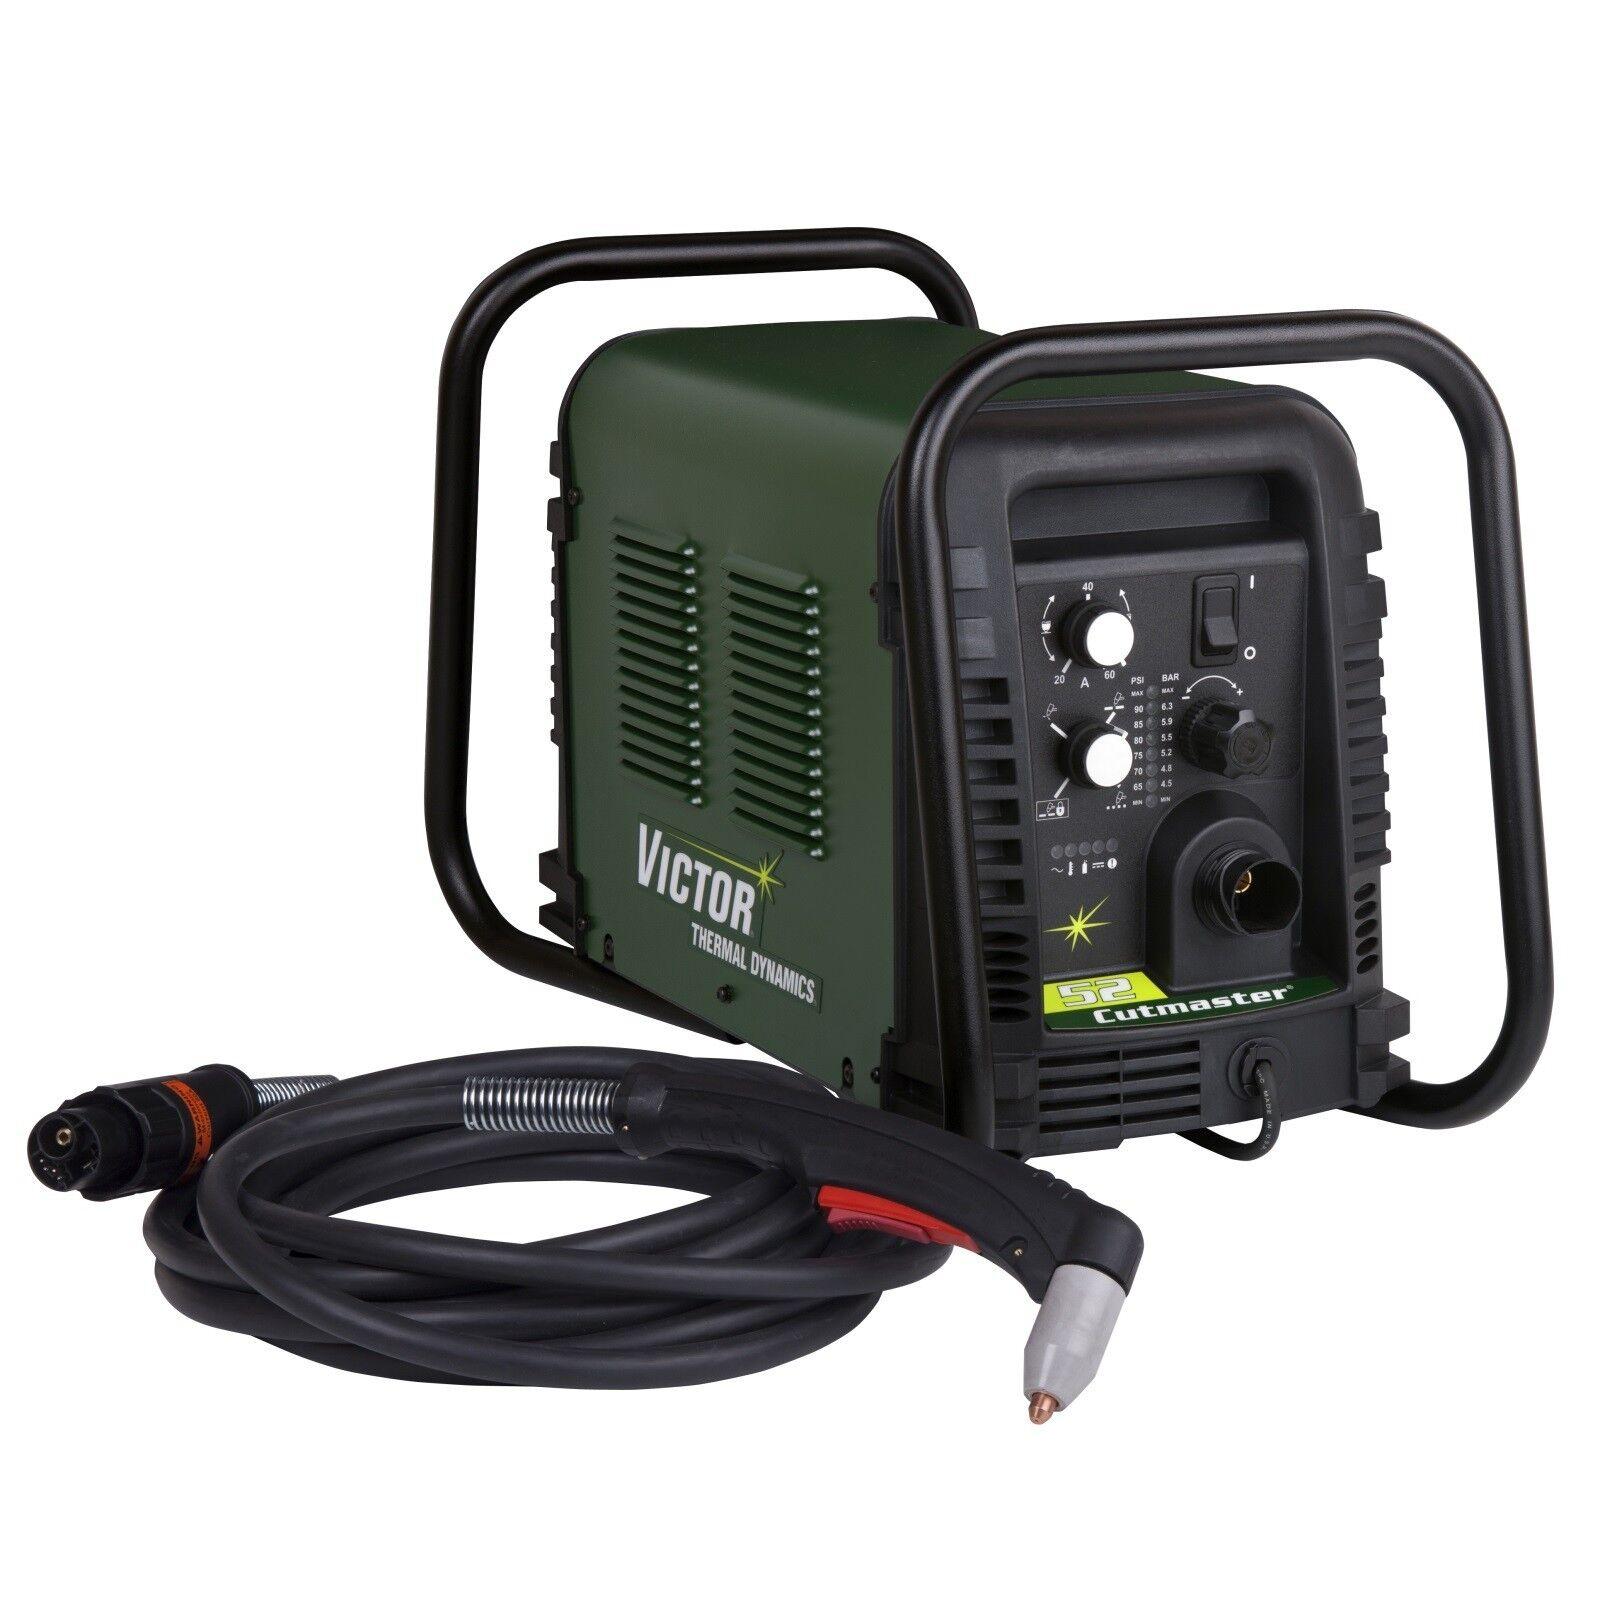 Thermal Dynamics Cutmaster 52 Cm52 Plasma Cutter Ebay